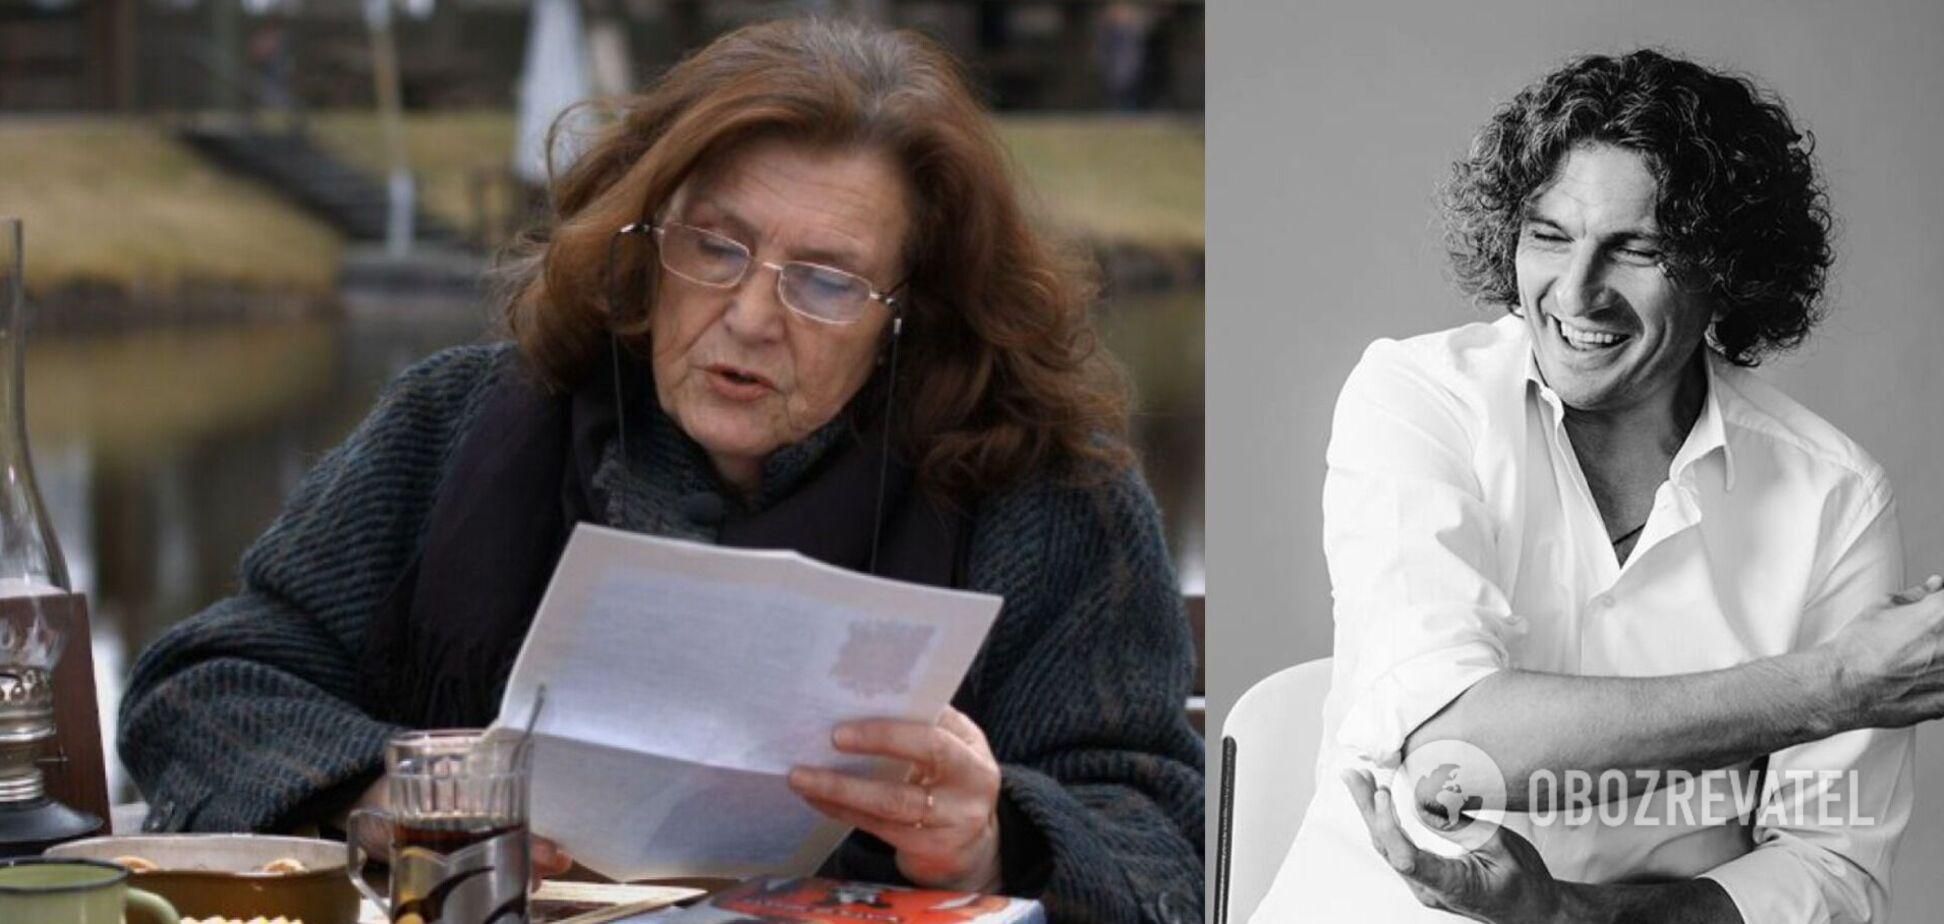 Песни Кузьмы оценили в 40 гривен: мама музыканта обратилась к президенту